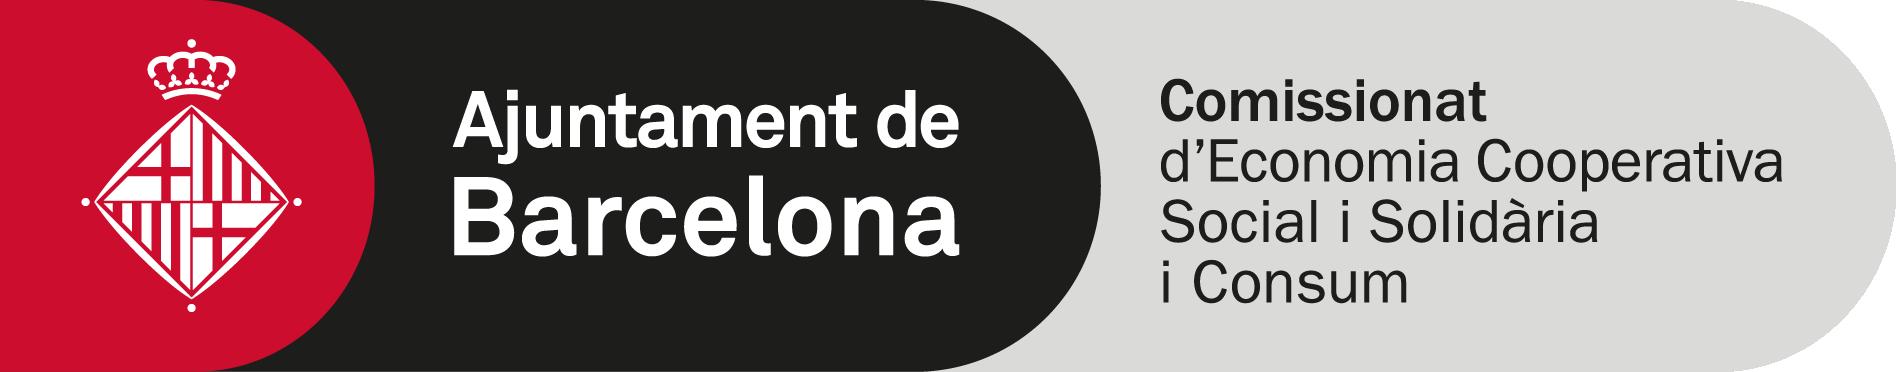 Logo Comissionat Economia Cooperativa Social i Solidaria i Consum de l'Ajuntament de Bcn